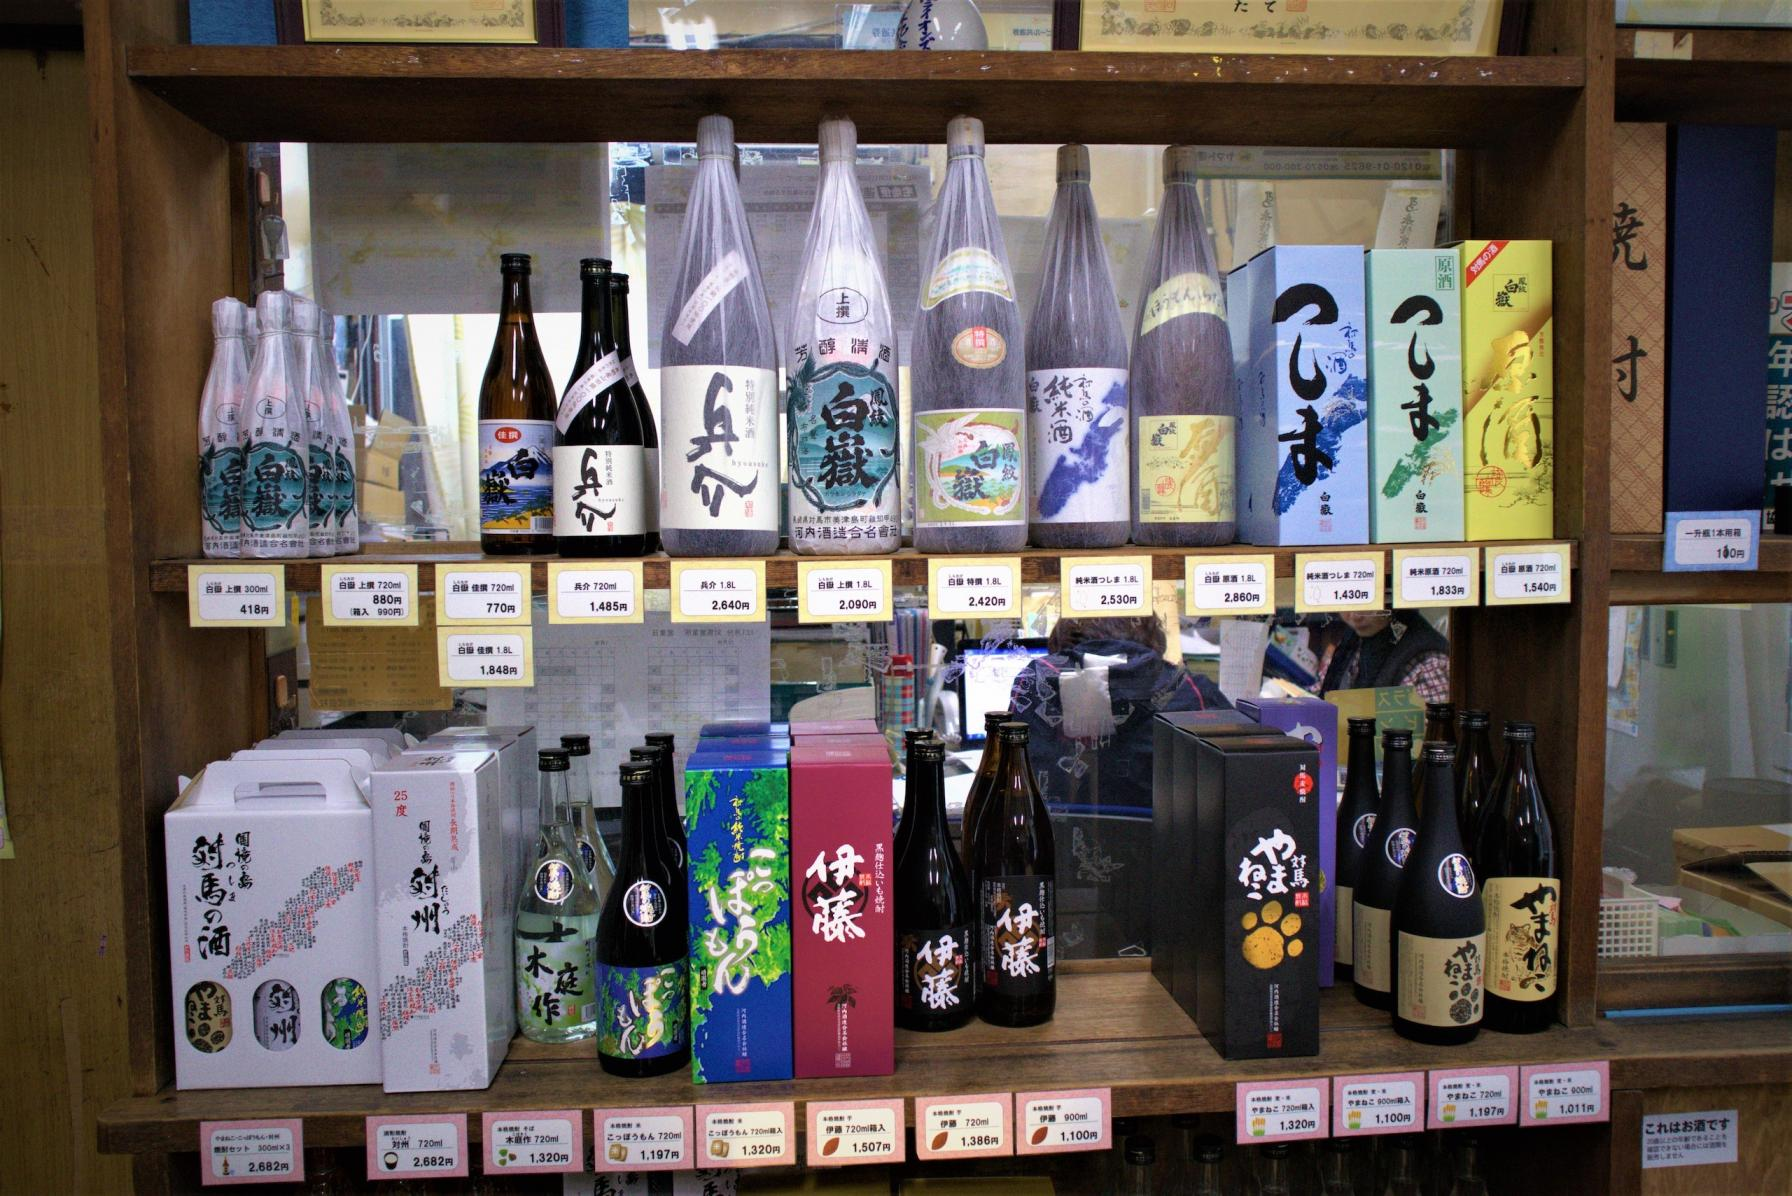 対馬唯一の酒造「河内酒造」。低温でじっくり発酵させた日本酒と焼酎を-6